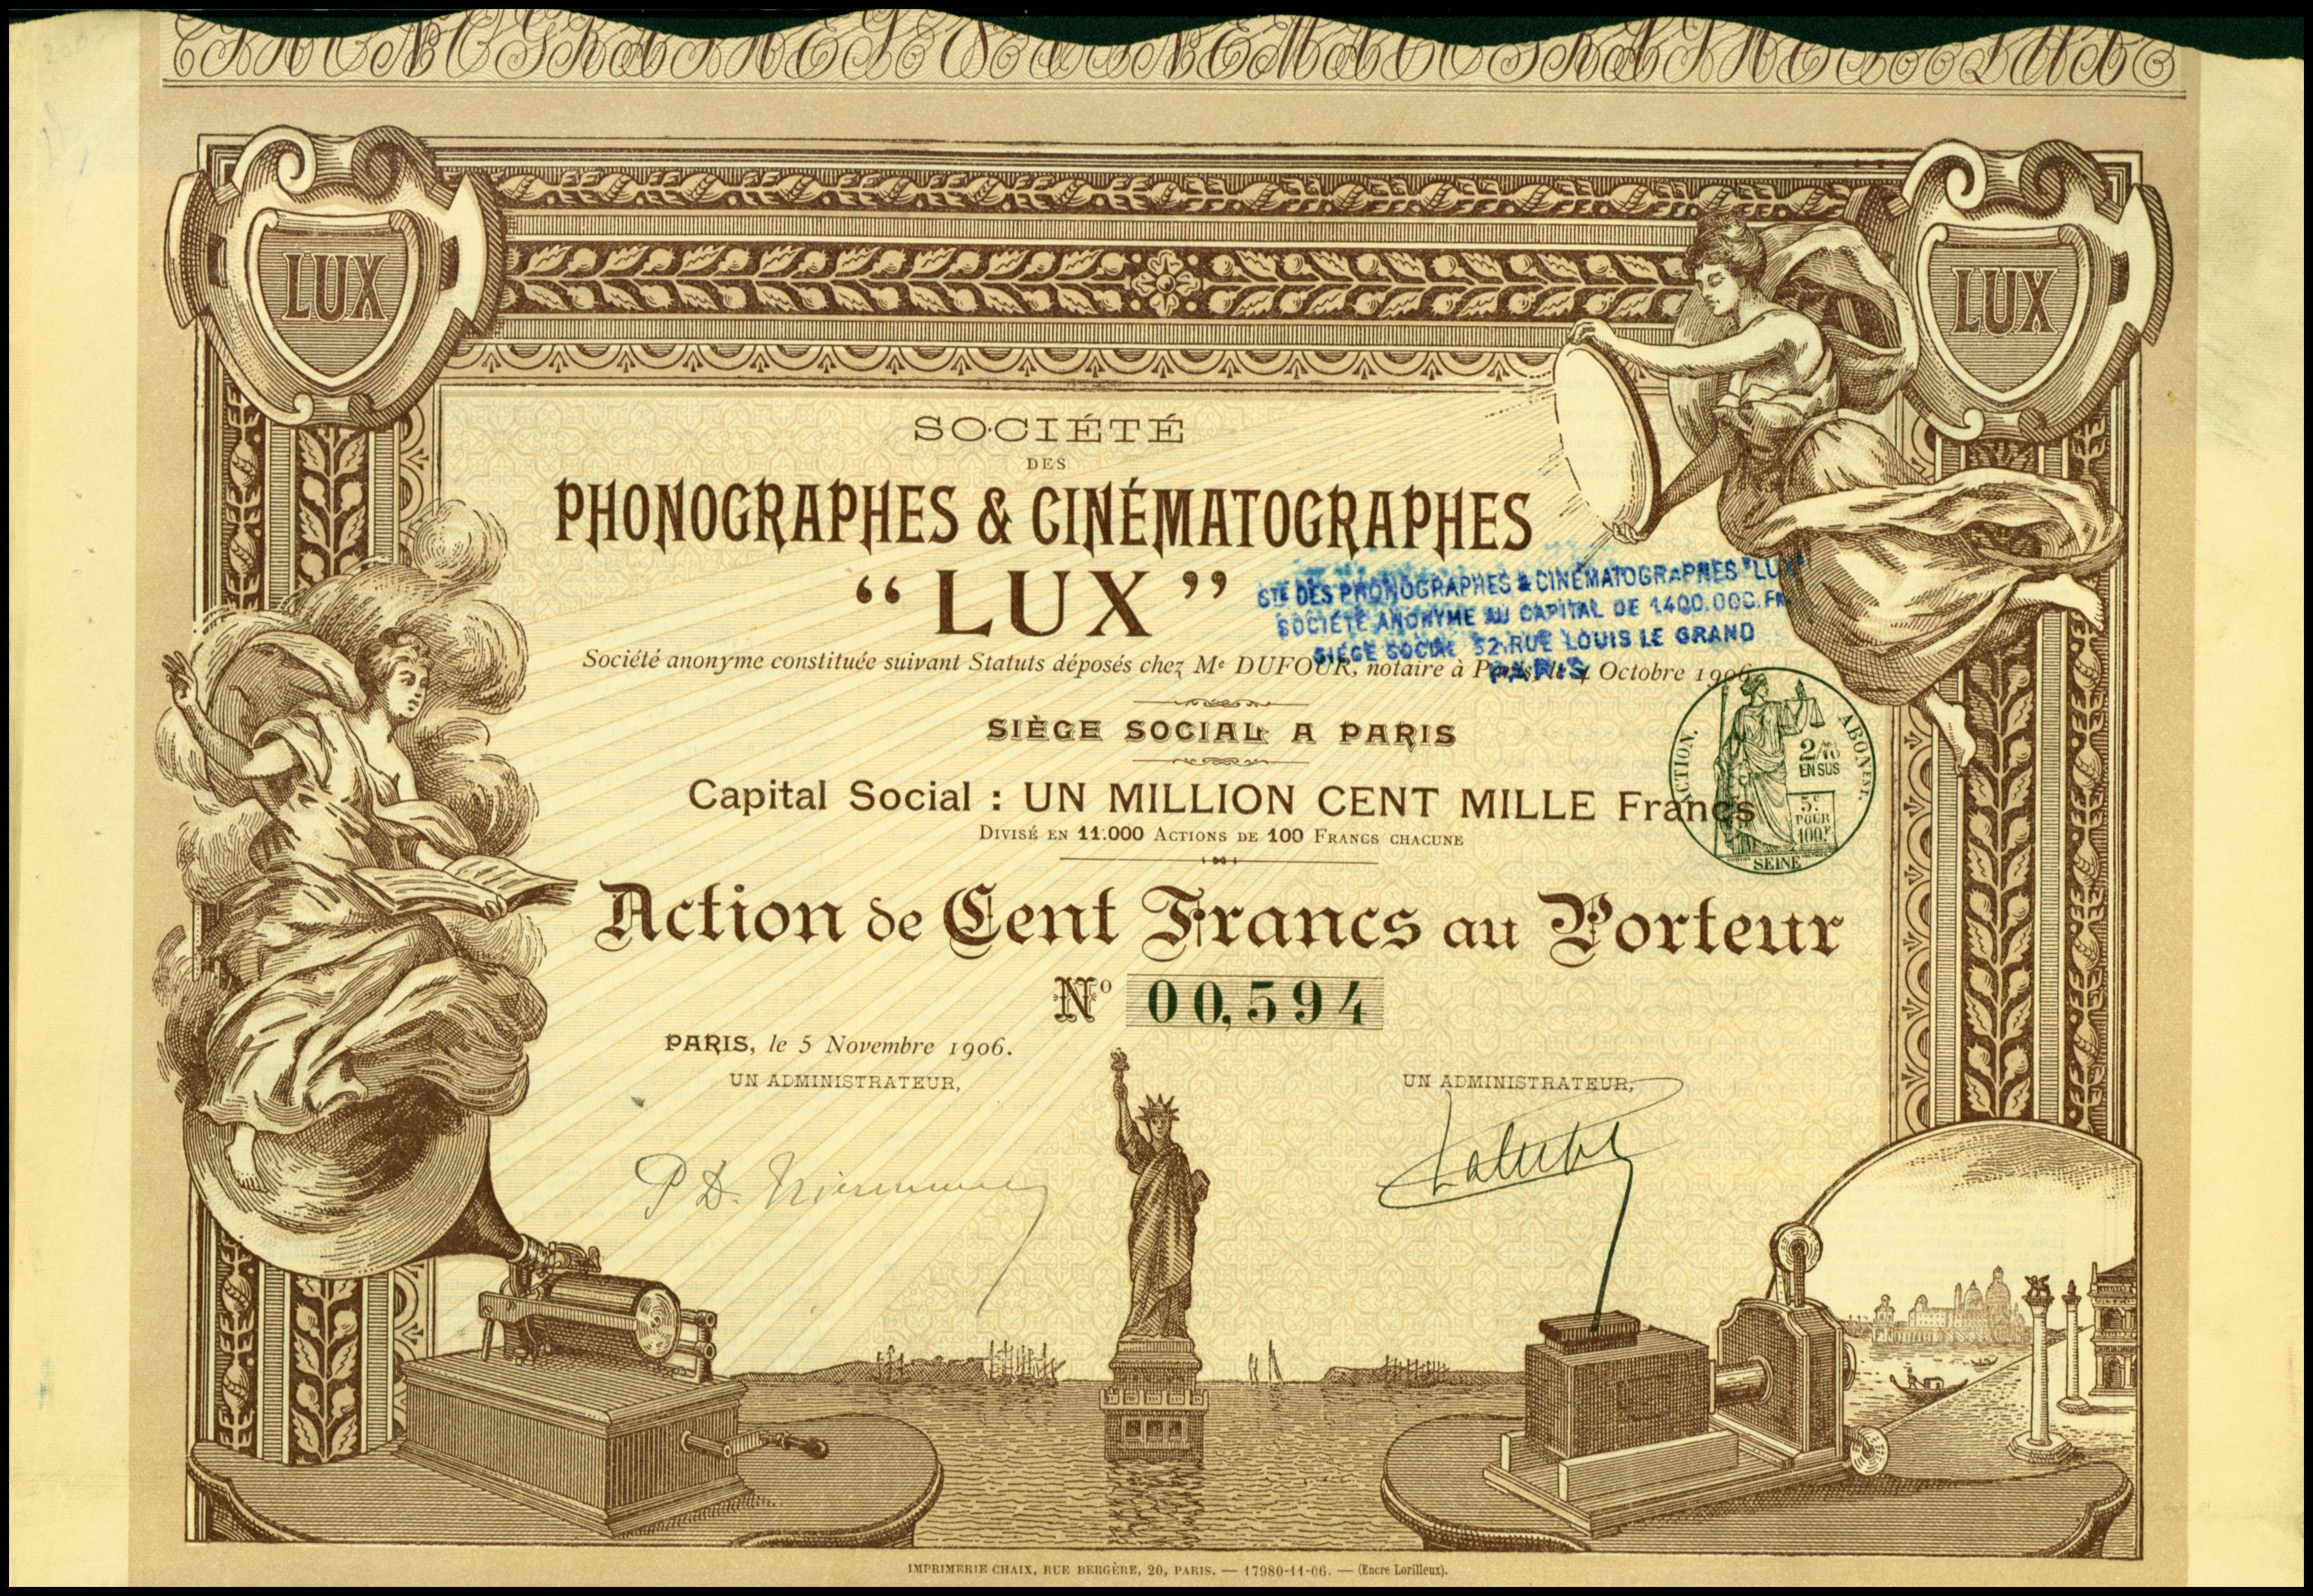 Share of the Société des Phonographes et Cinématographes Lux, issued 5. November 1906